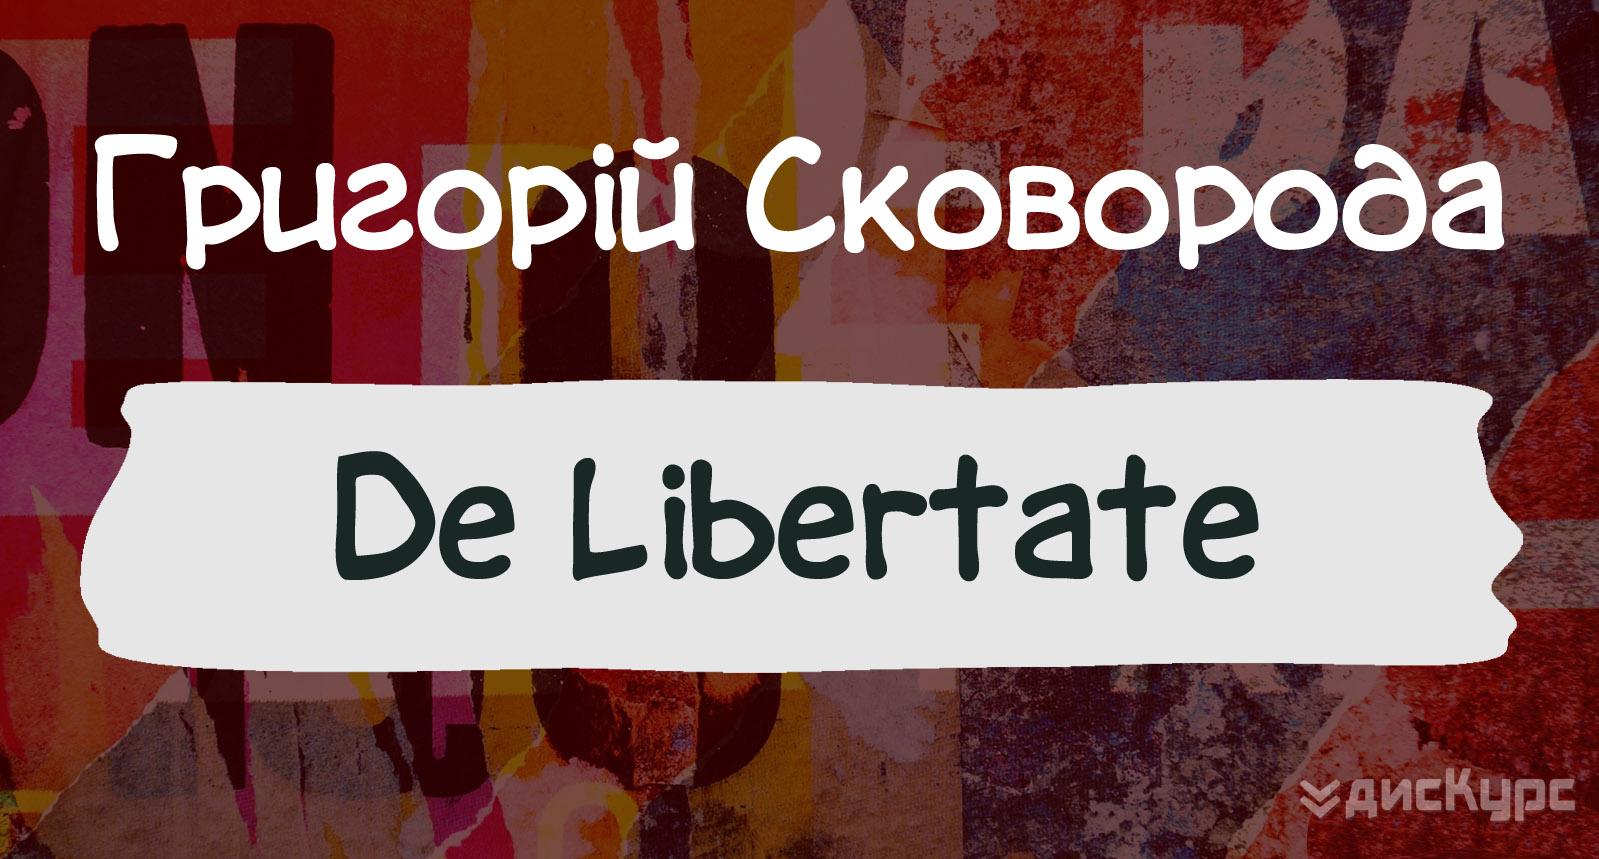 Григорій Сковорода. De Libertate!